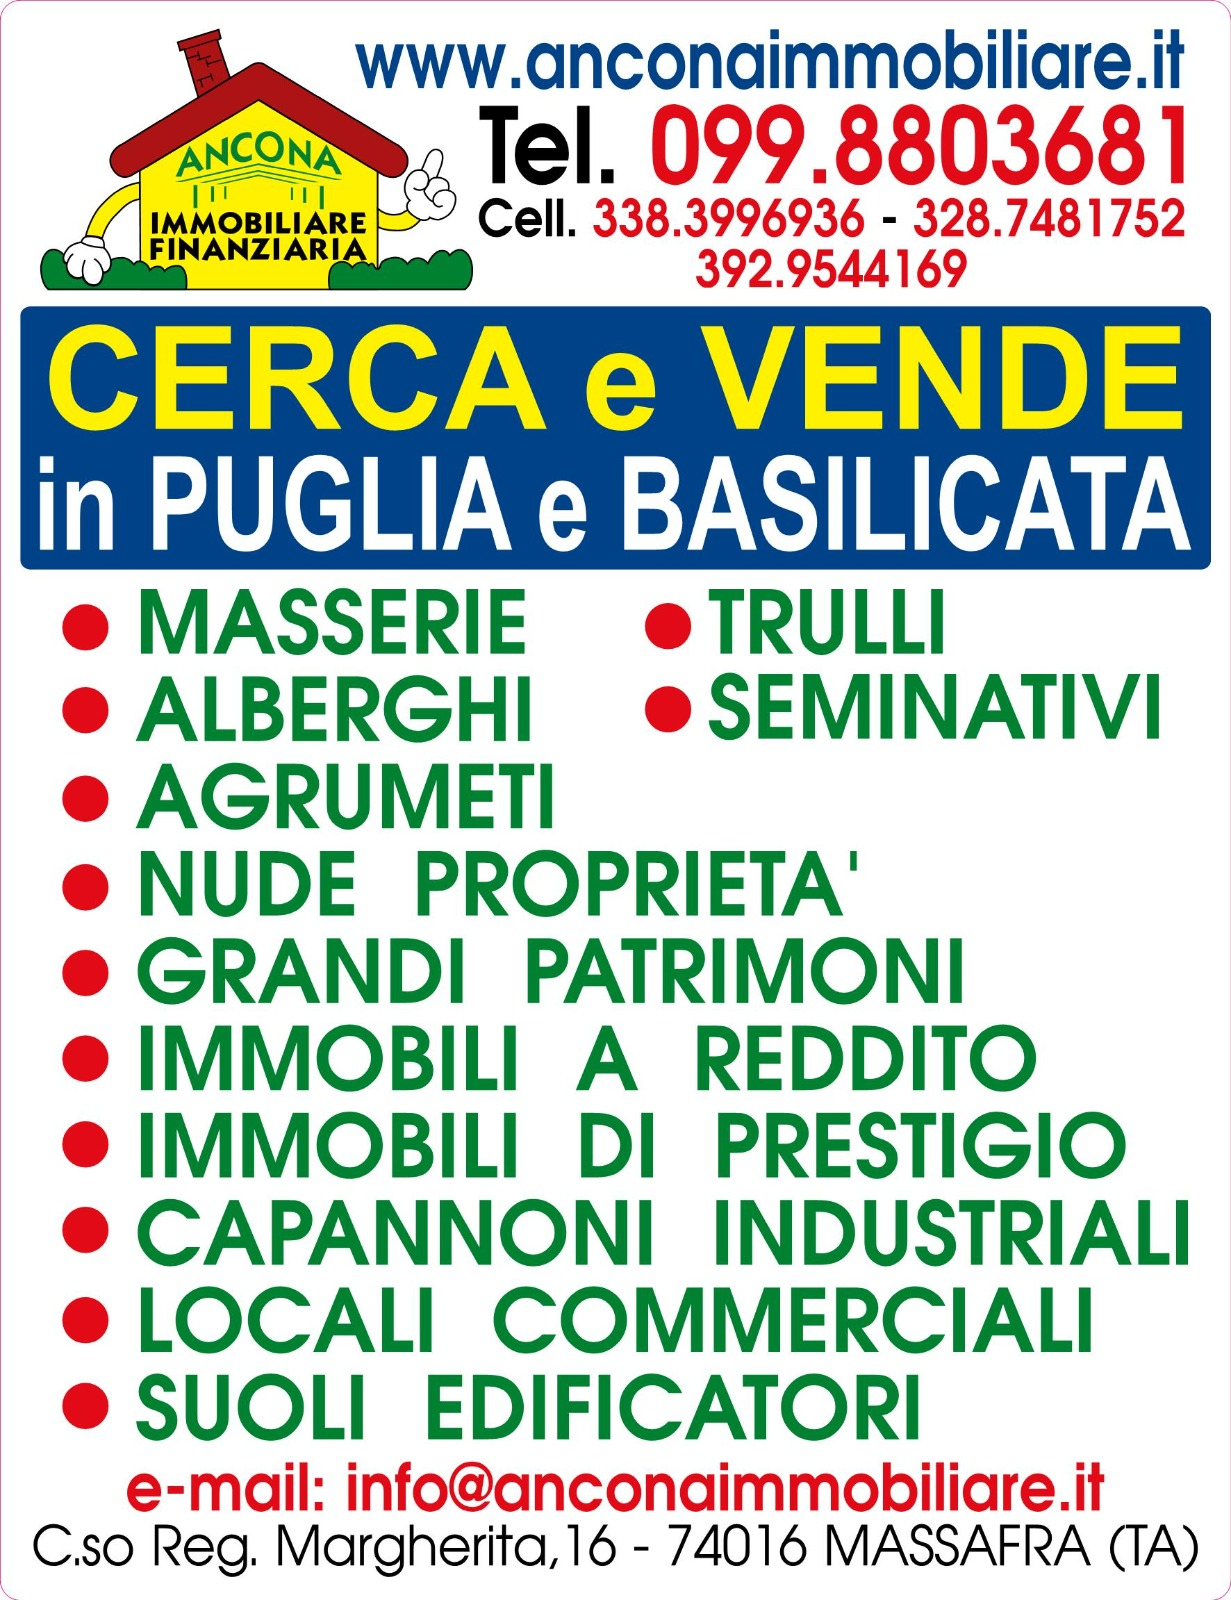 ancona-immobiliare_255_0_1615915772.jpg